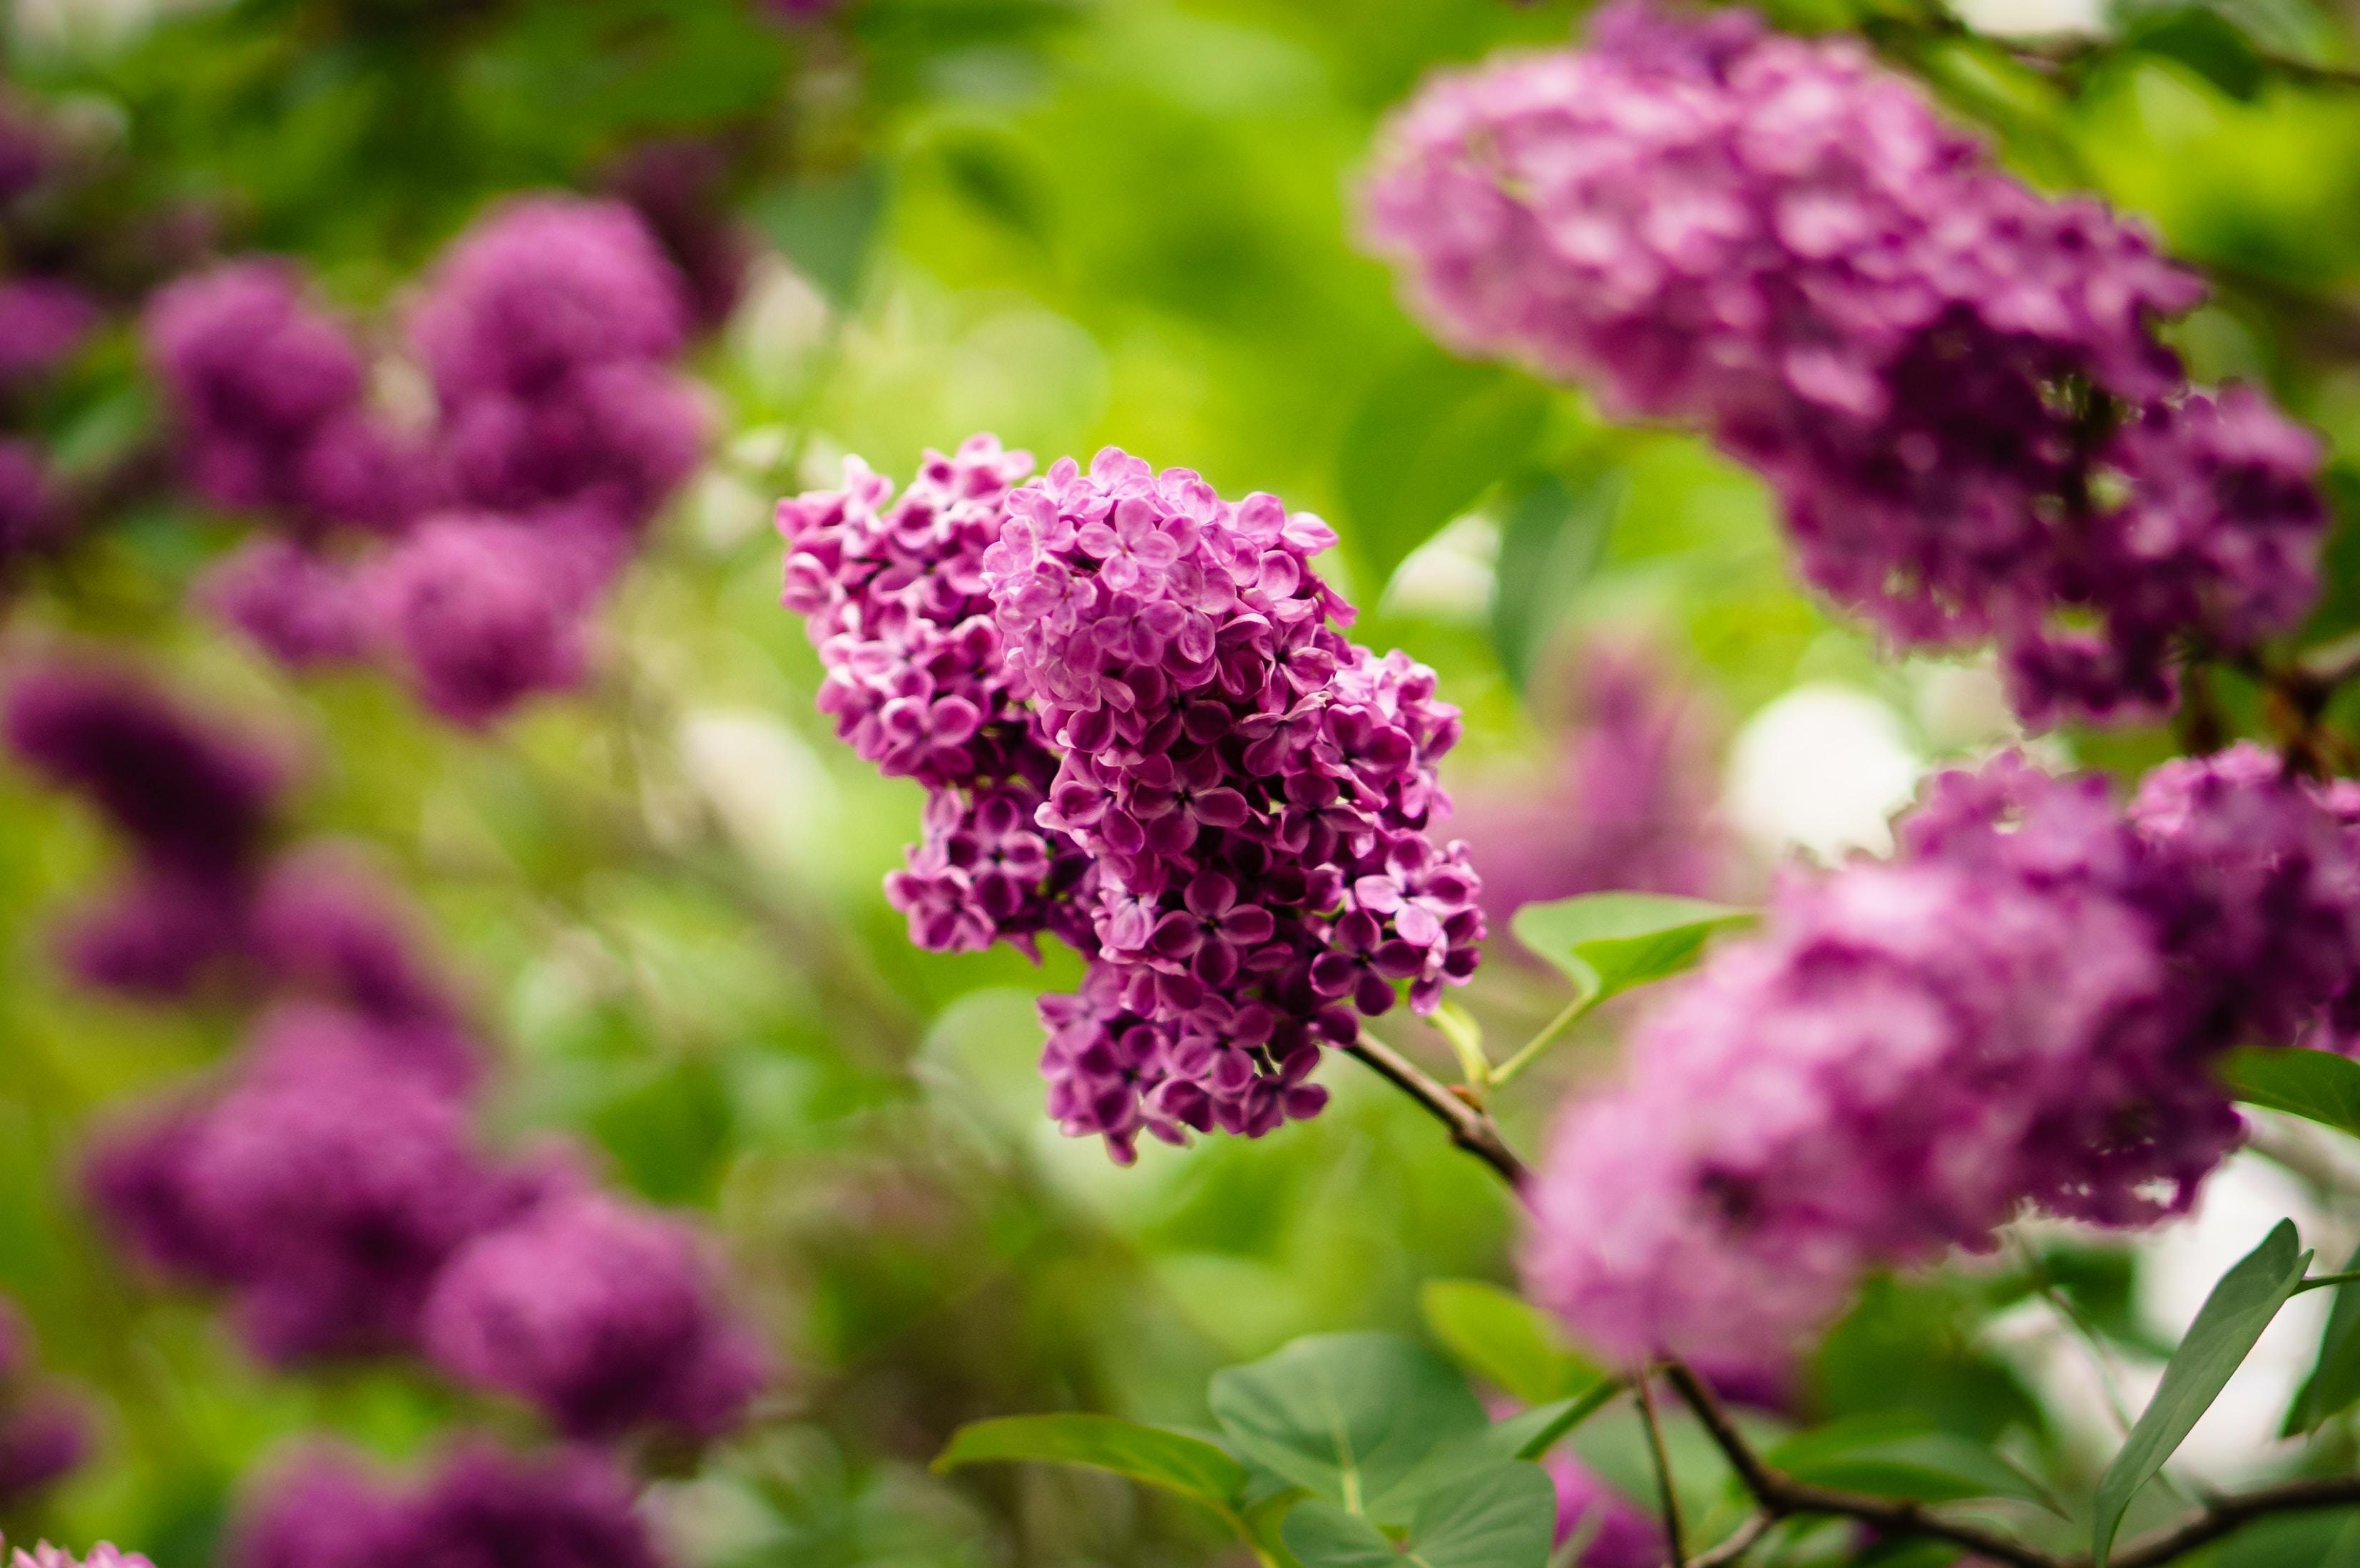 Purple lilac flowers bloom in a green leafy bush